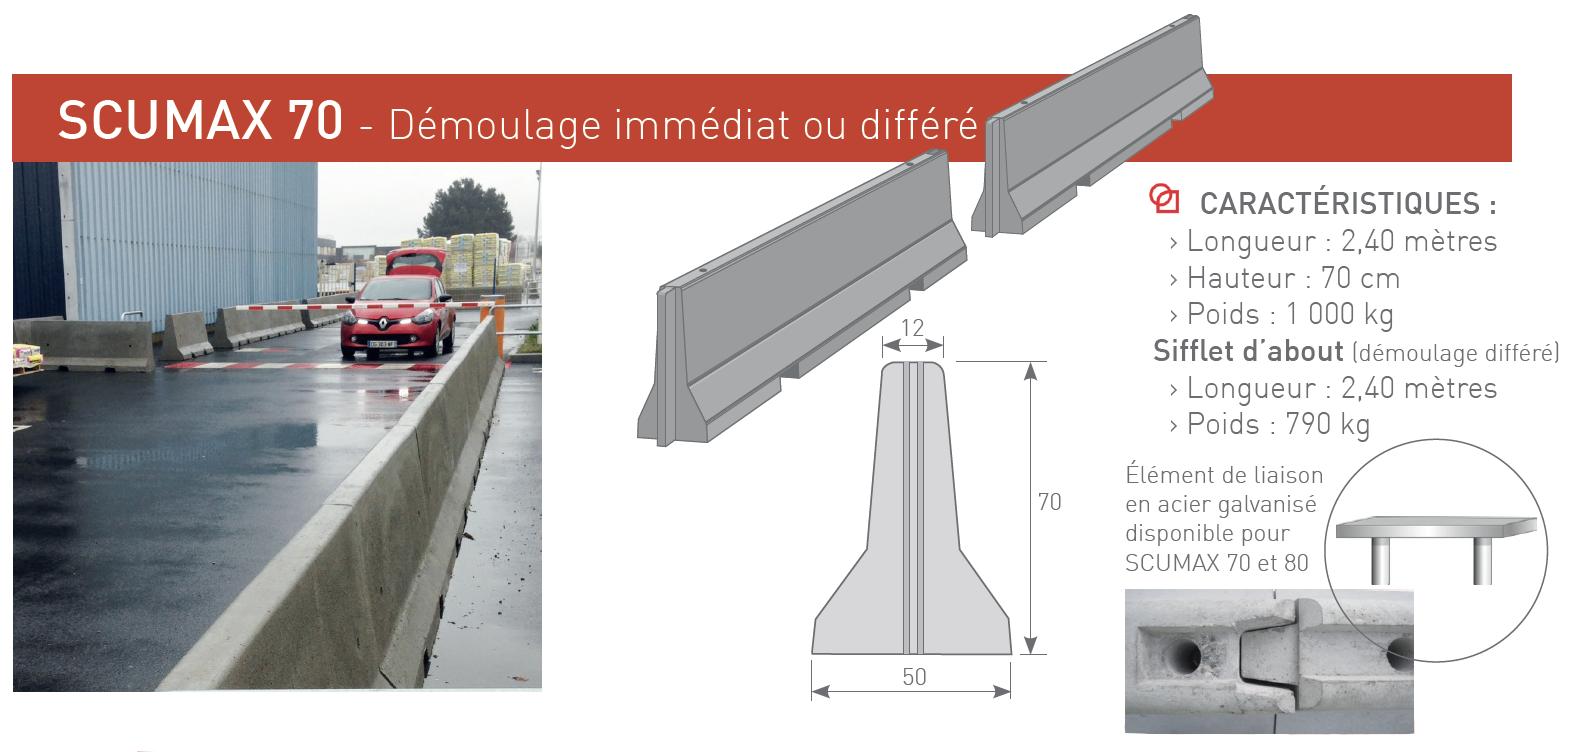 Séparateurs de circulation et de protection béton SCUMAX 70 - SOTUBEMA